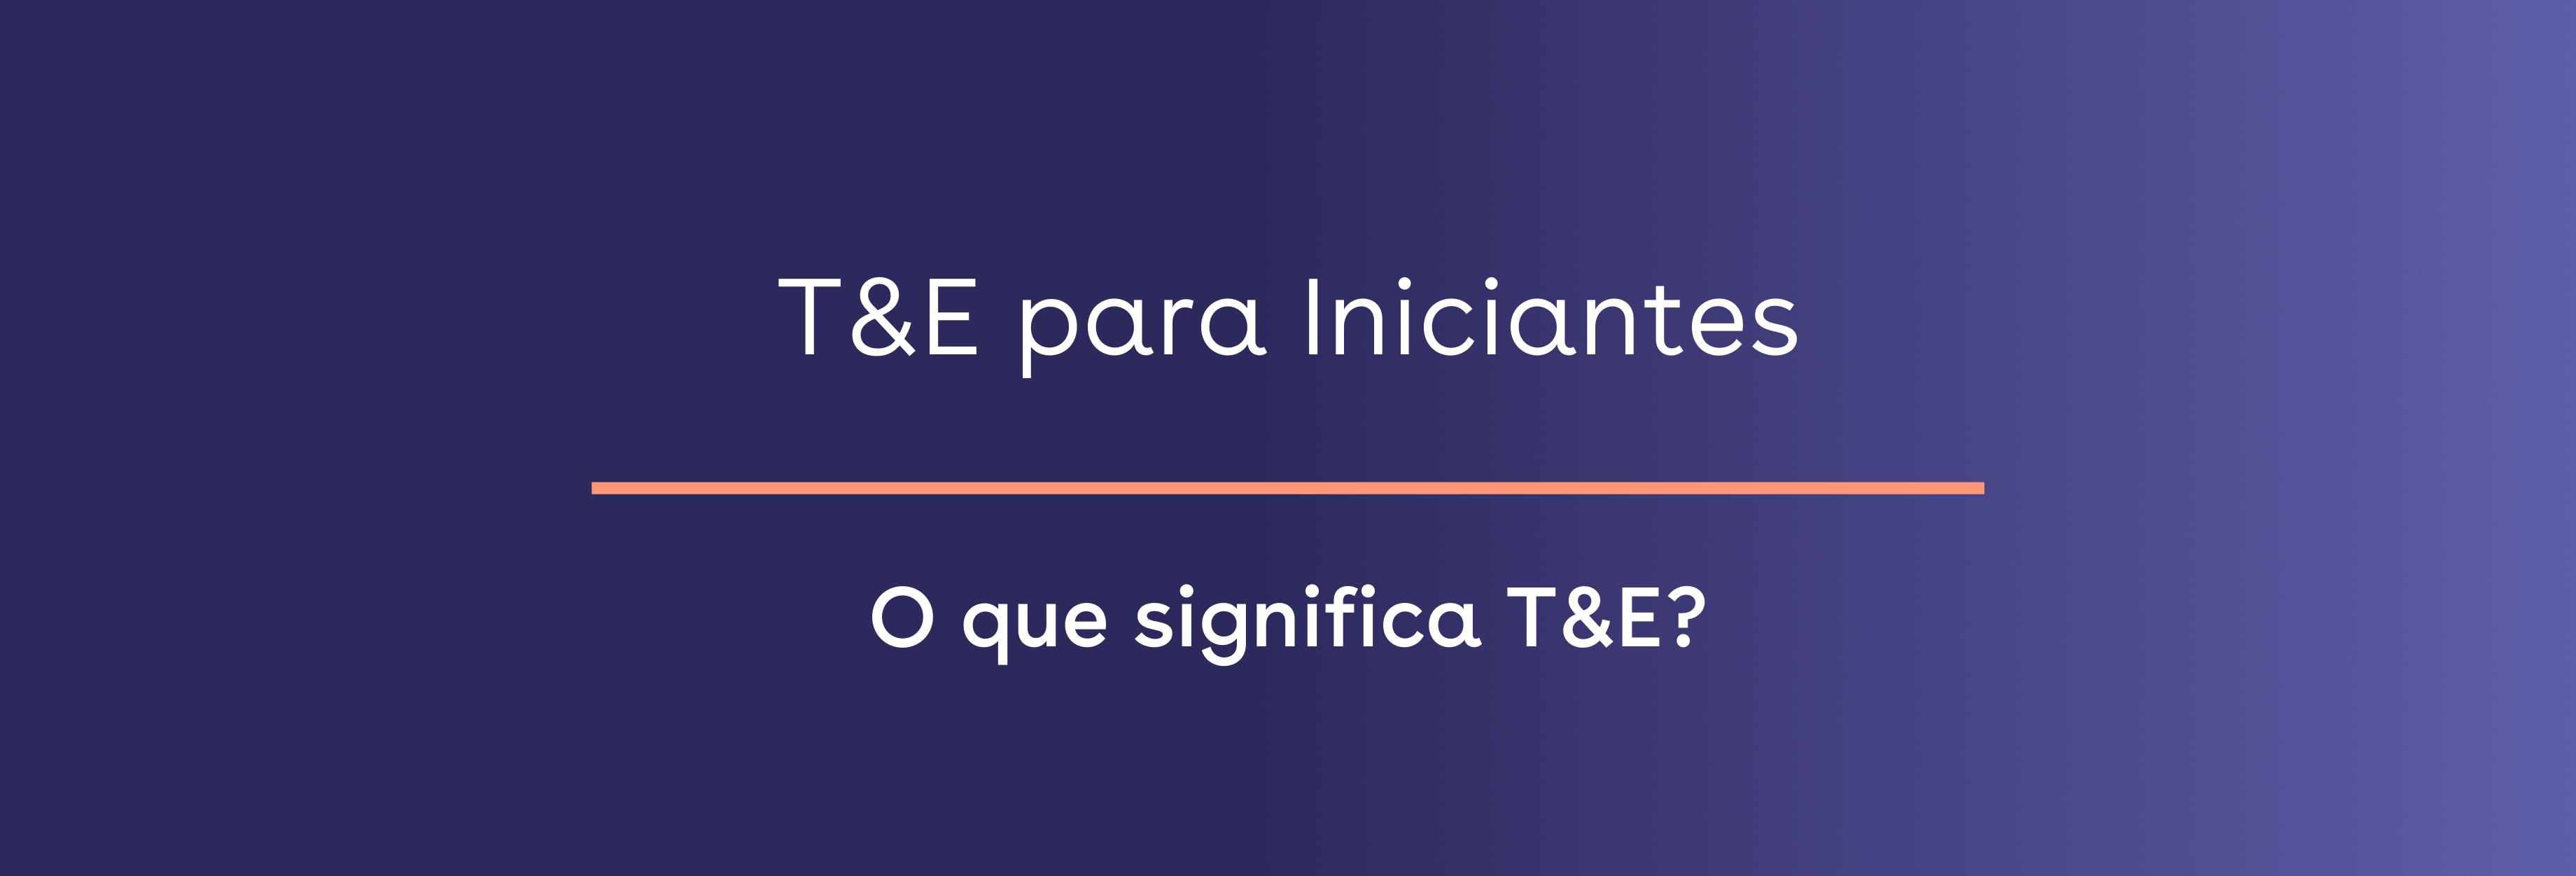 O que significa T&E